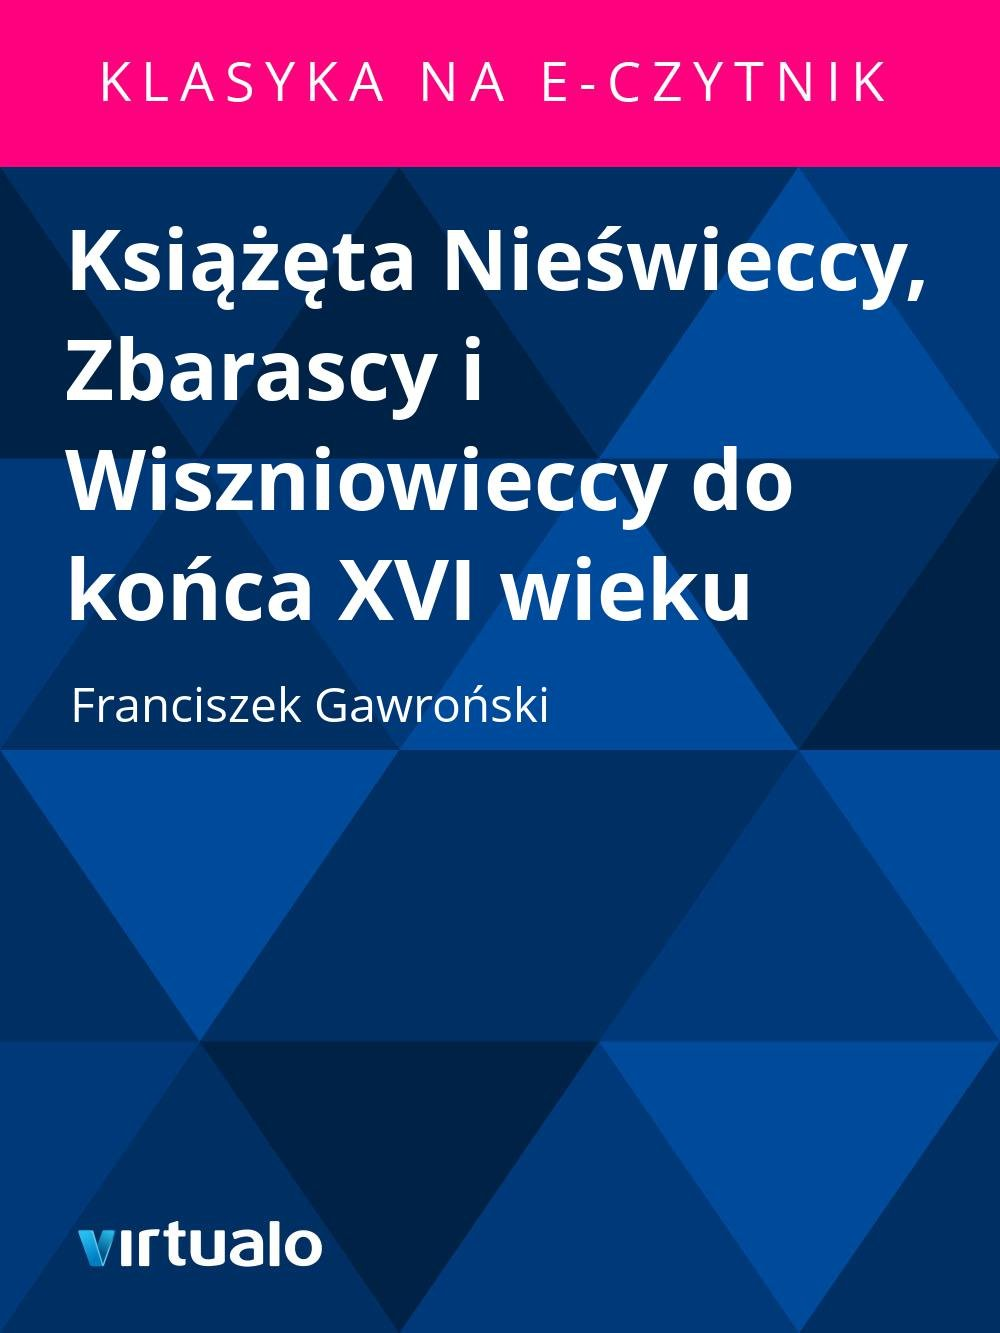 Książęta Nieświeccy, Zbarascy i Wiszniowieccy do końca XVI wieku - Ebook (Książka EPUB) do pobrania w formacie EPUB